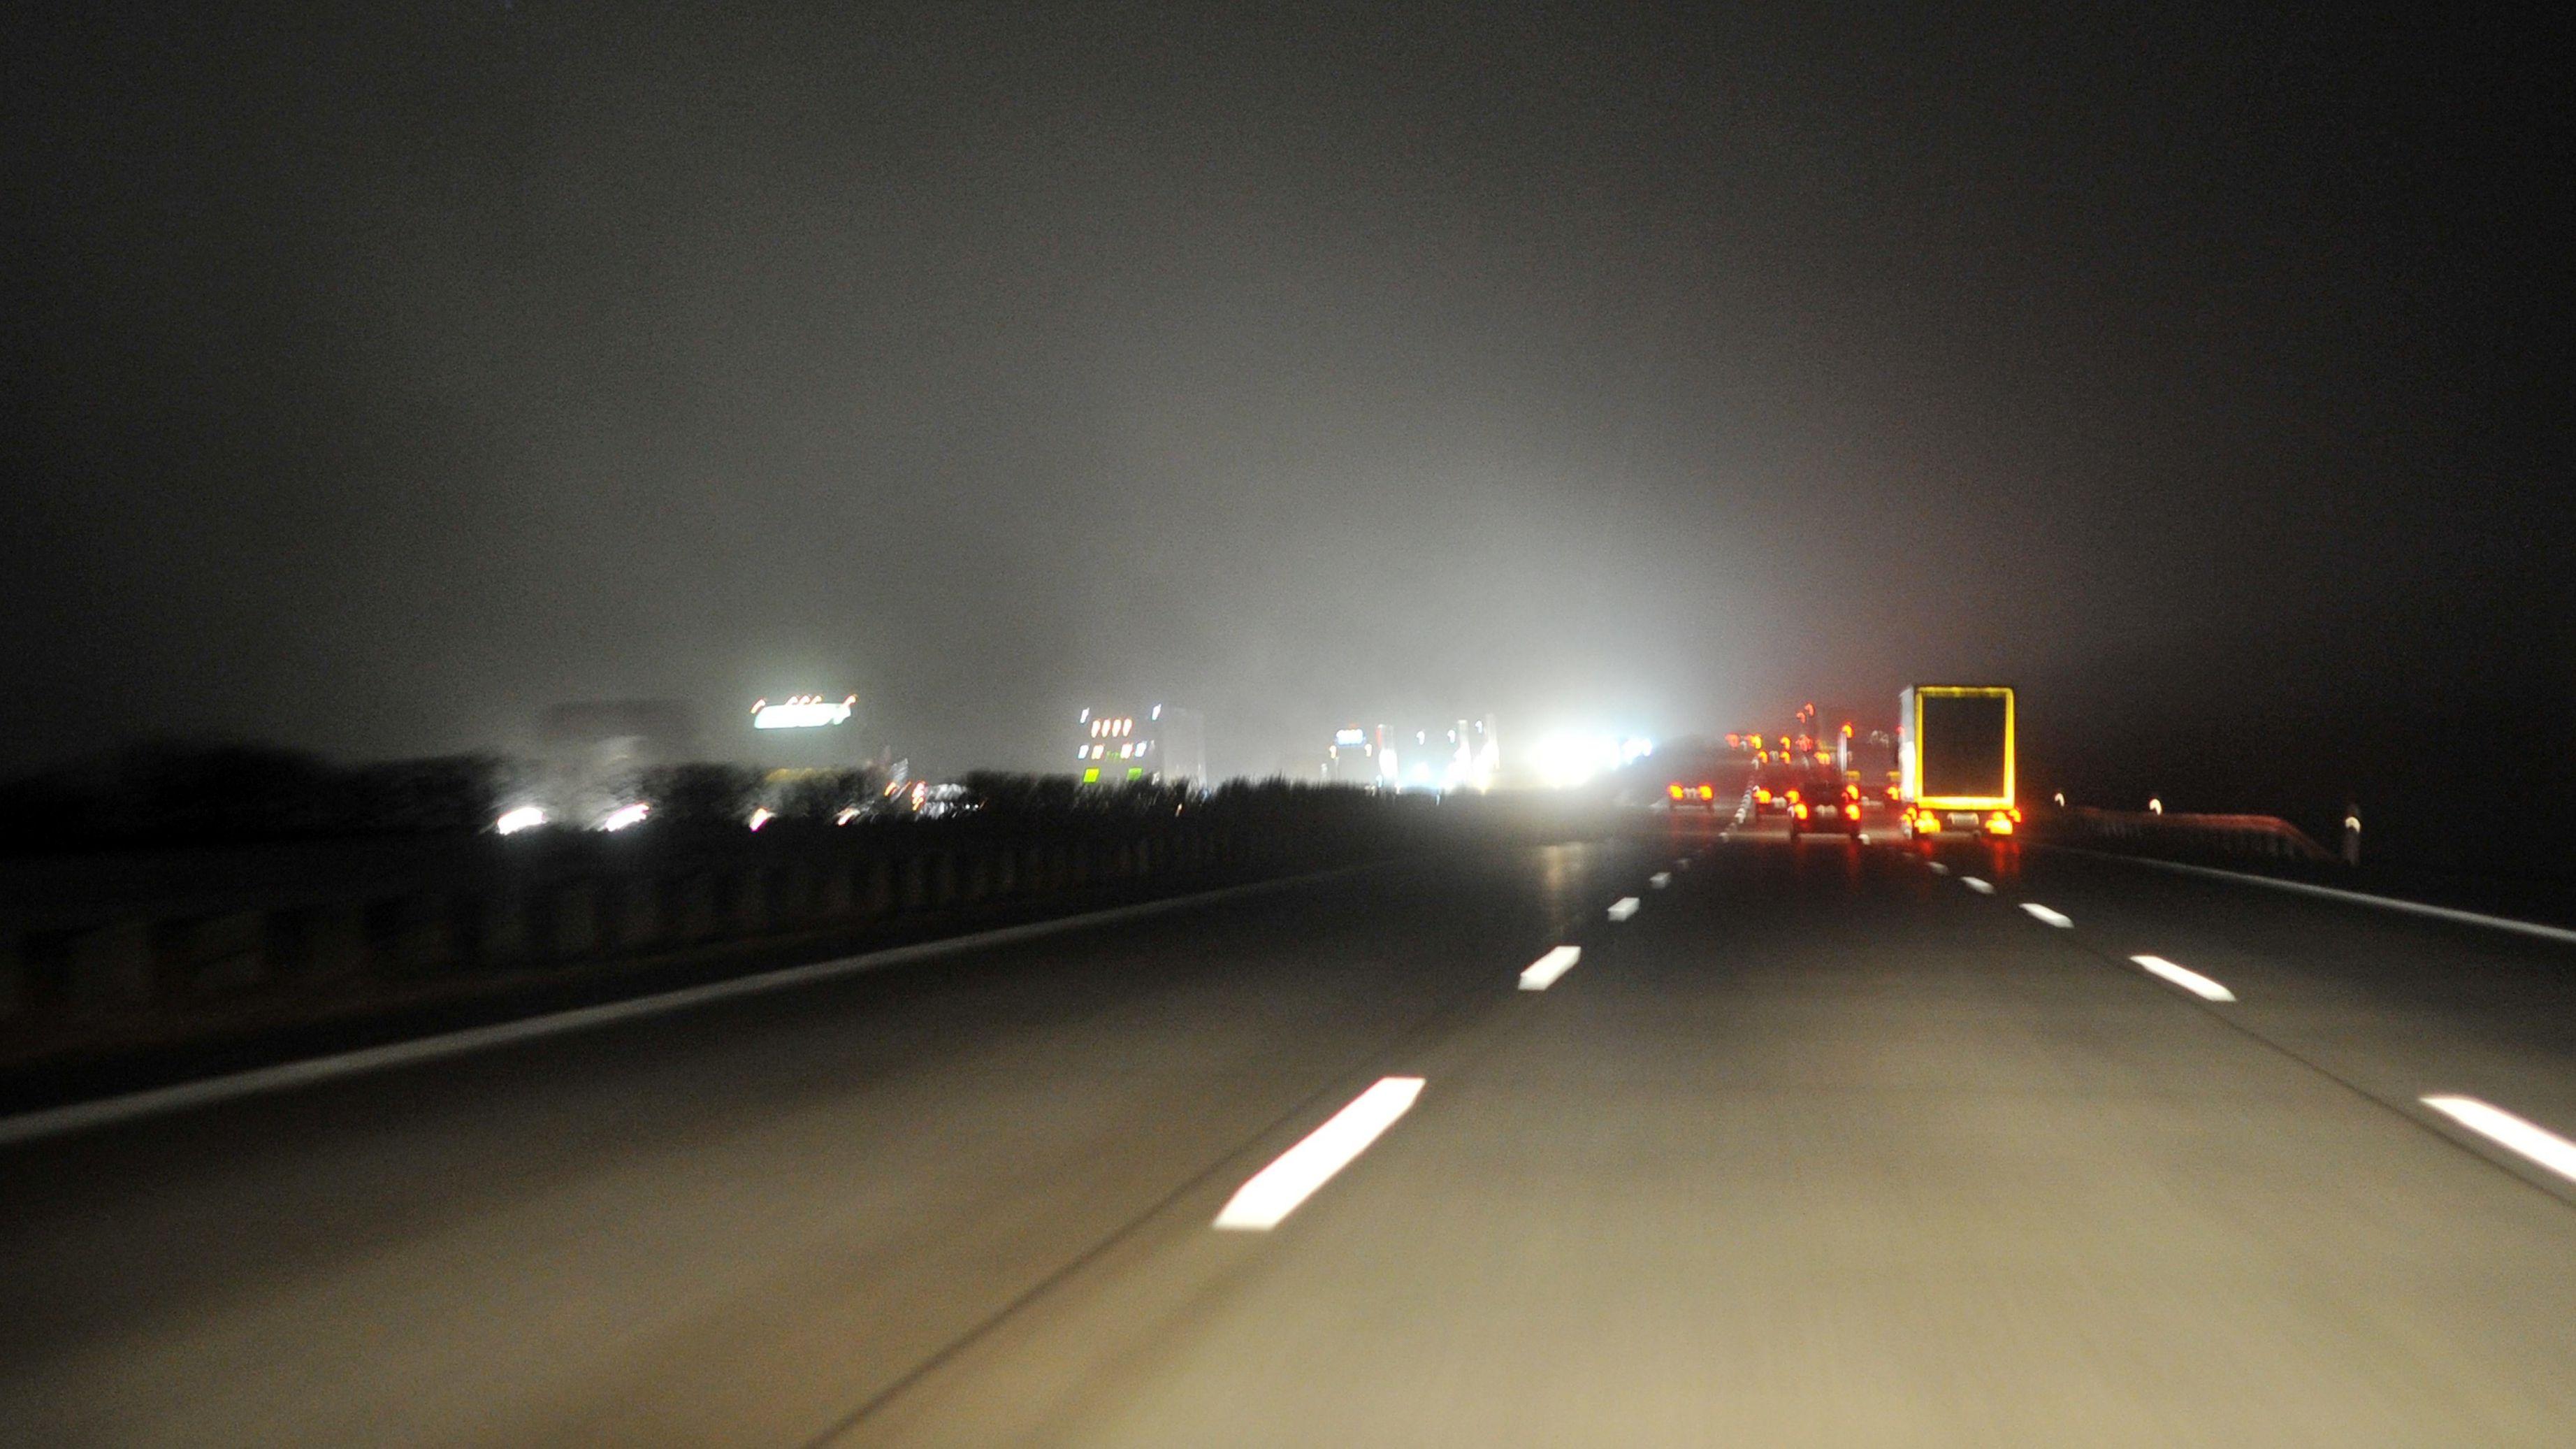 Nächtlicher Verkehr auf der Autobahn: Derzeit sind viel weniger Autos unterwegs.